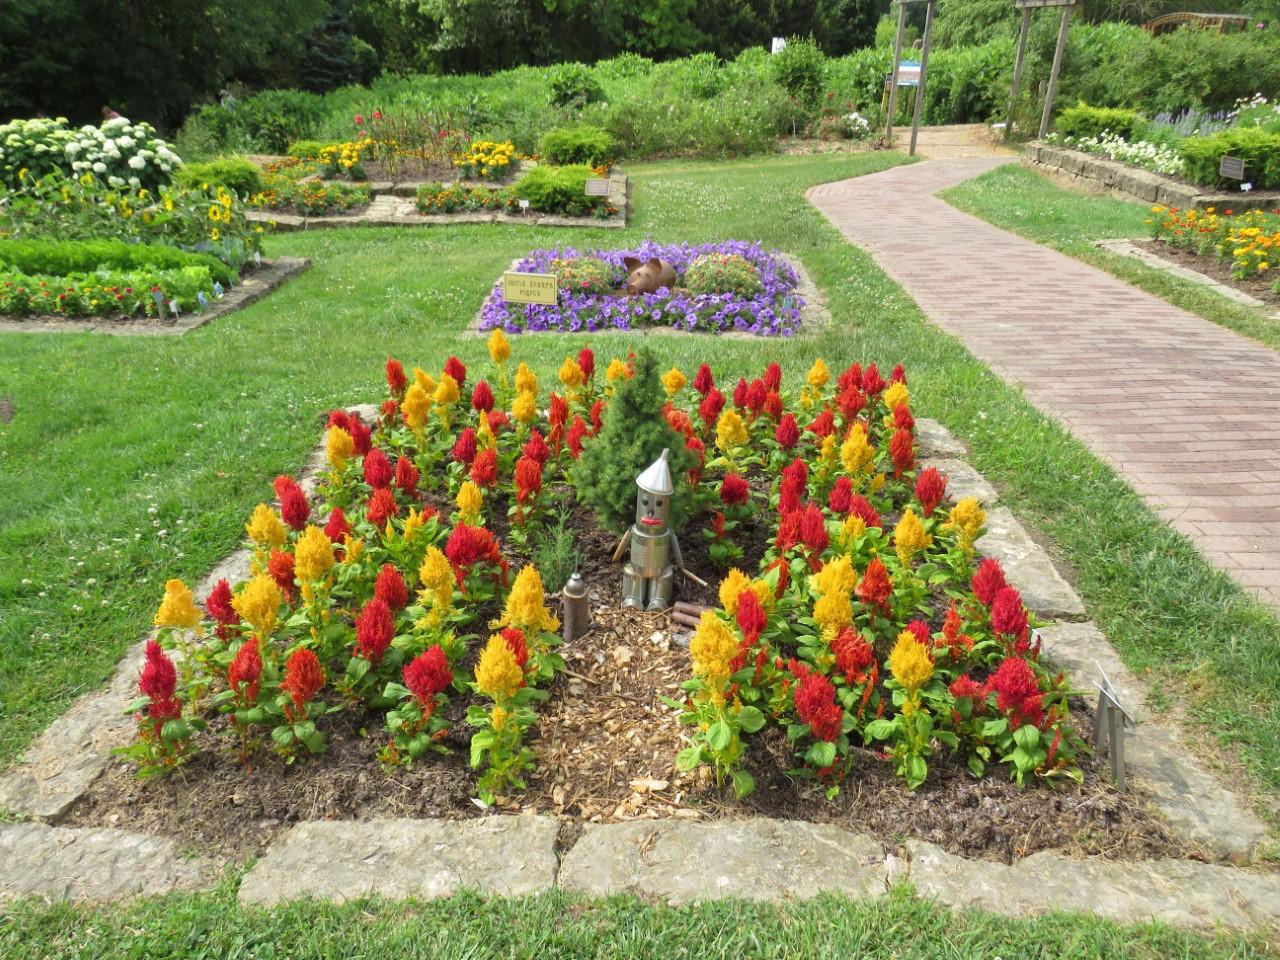 Dubuque Arboretum and Botanical Gardens by FlowerChick.com